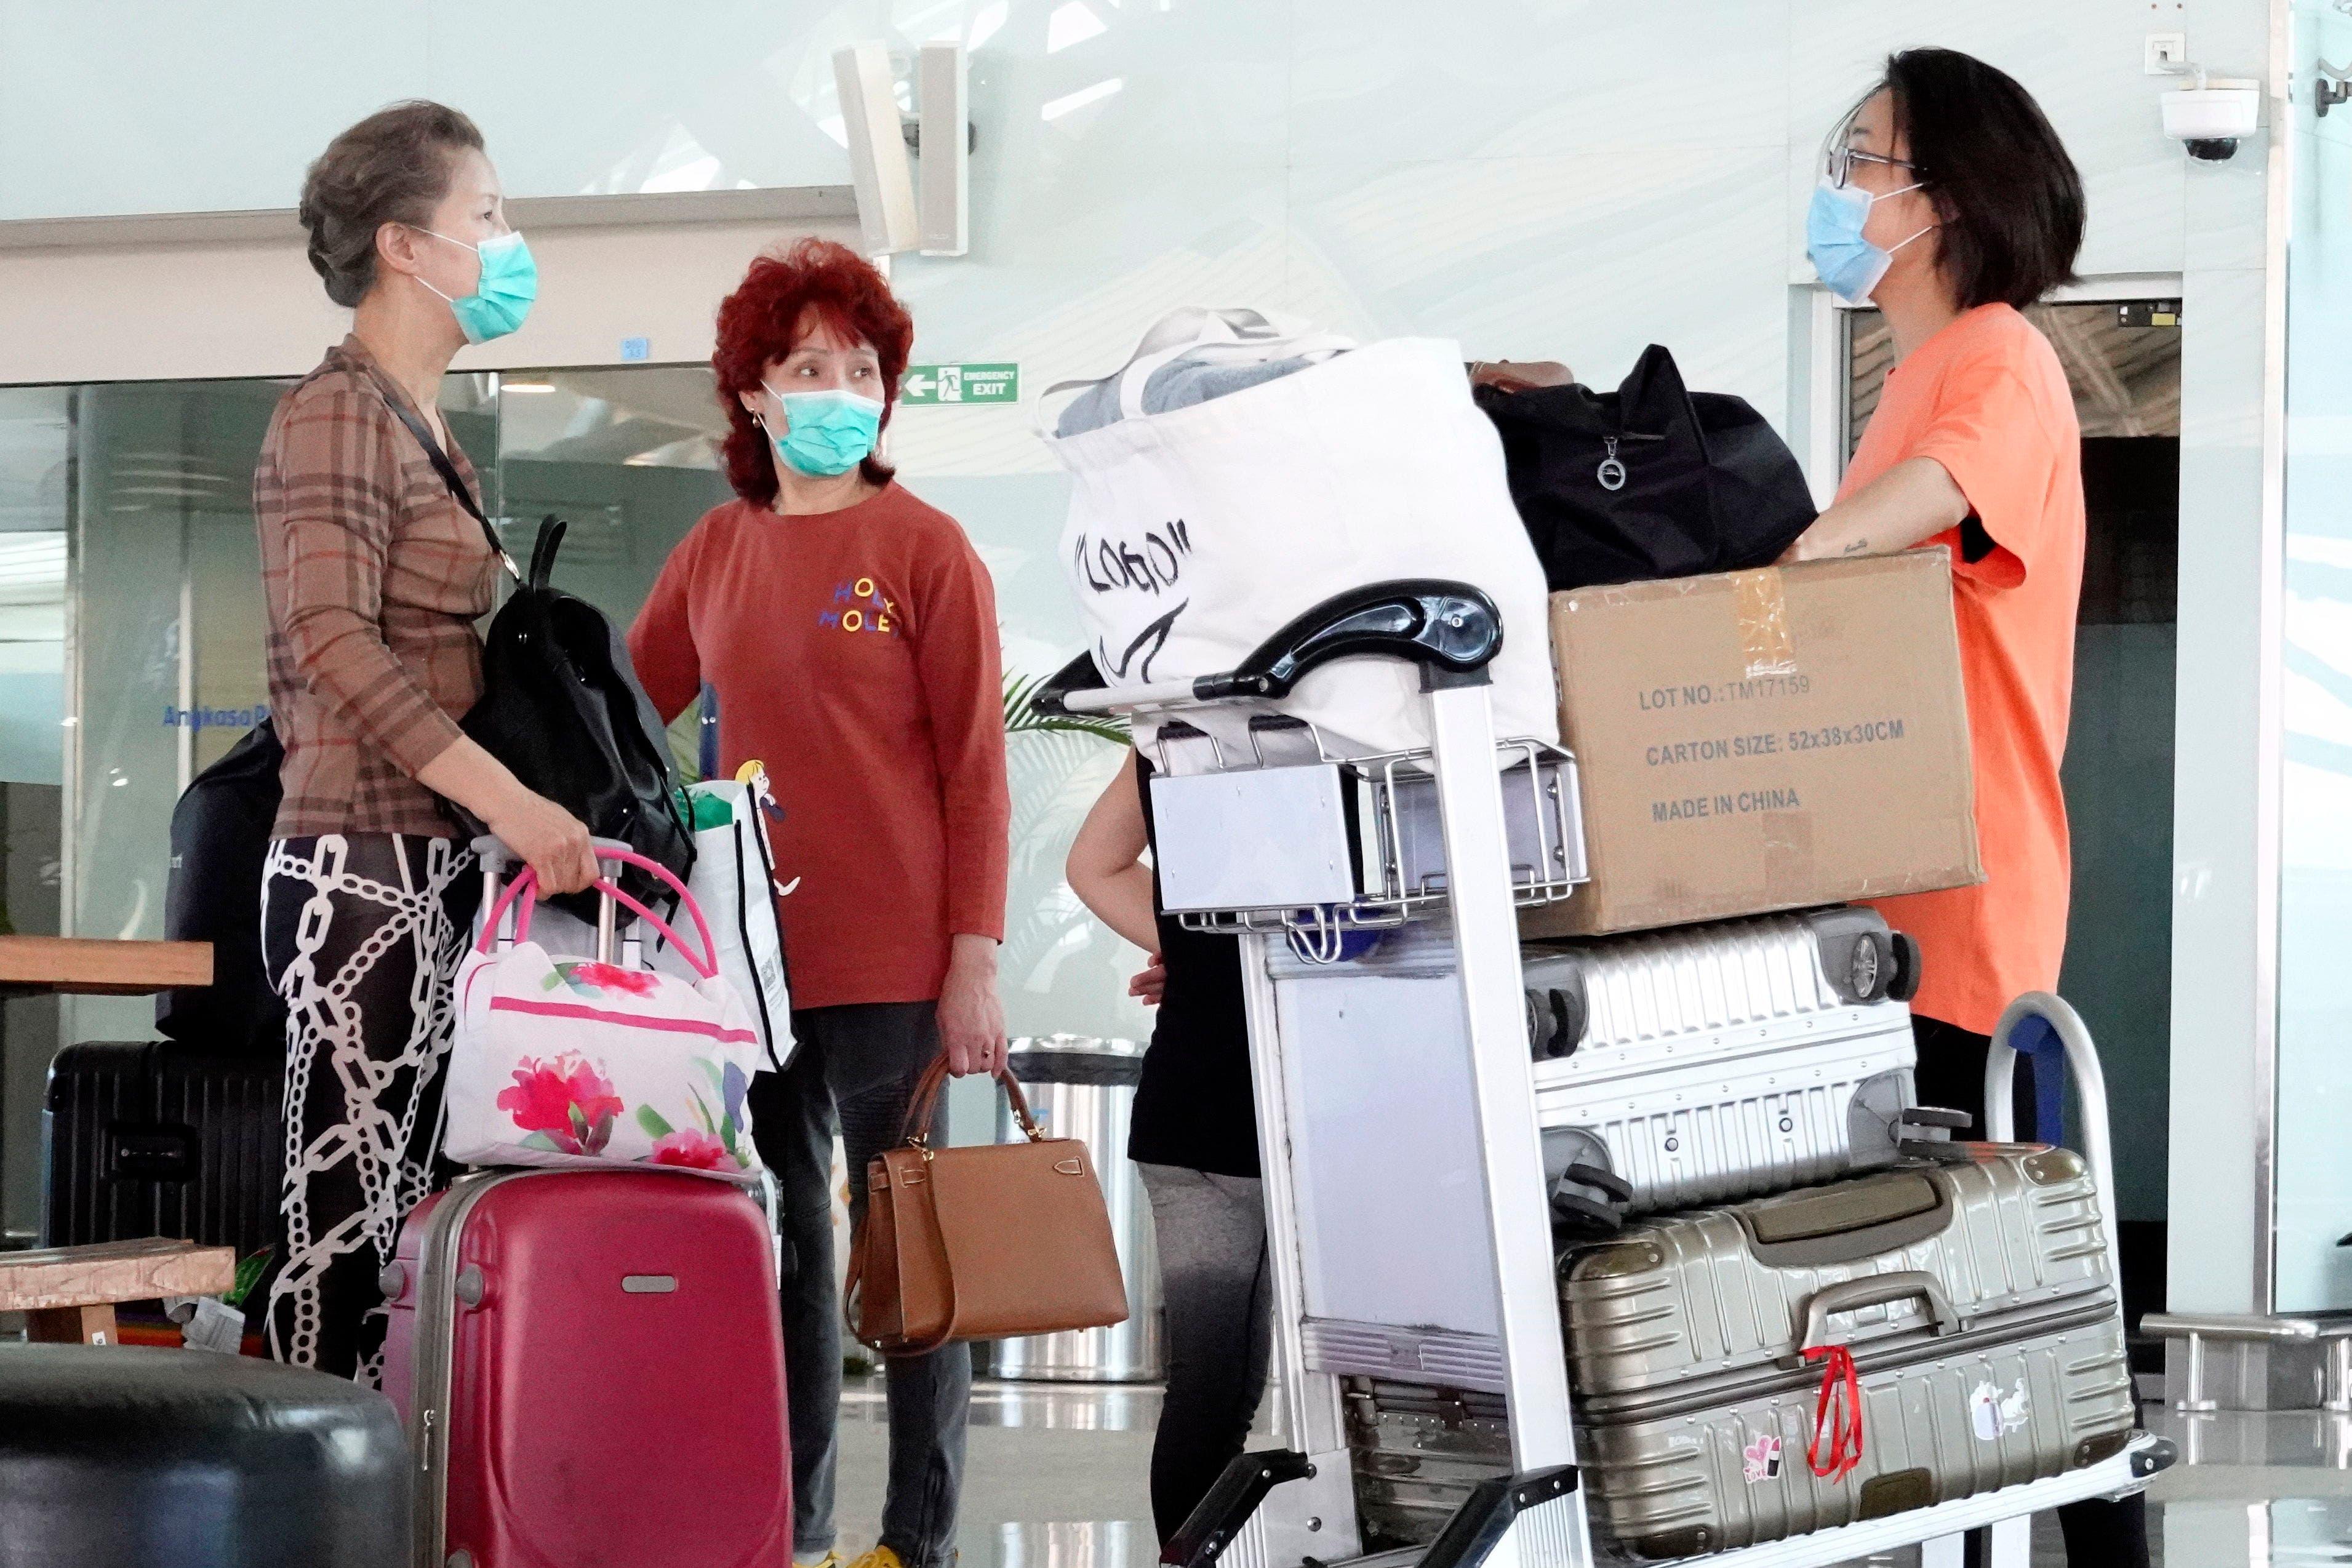 Alerta por coronavirus: 5000 chinos varados en Bali tras suspensión de vuelos entre Indonesia y China